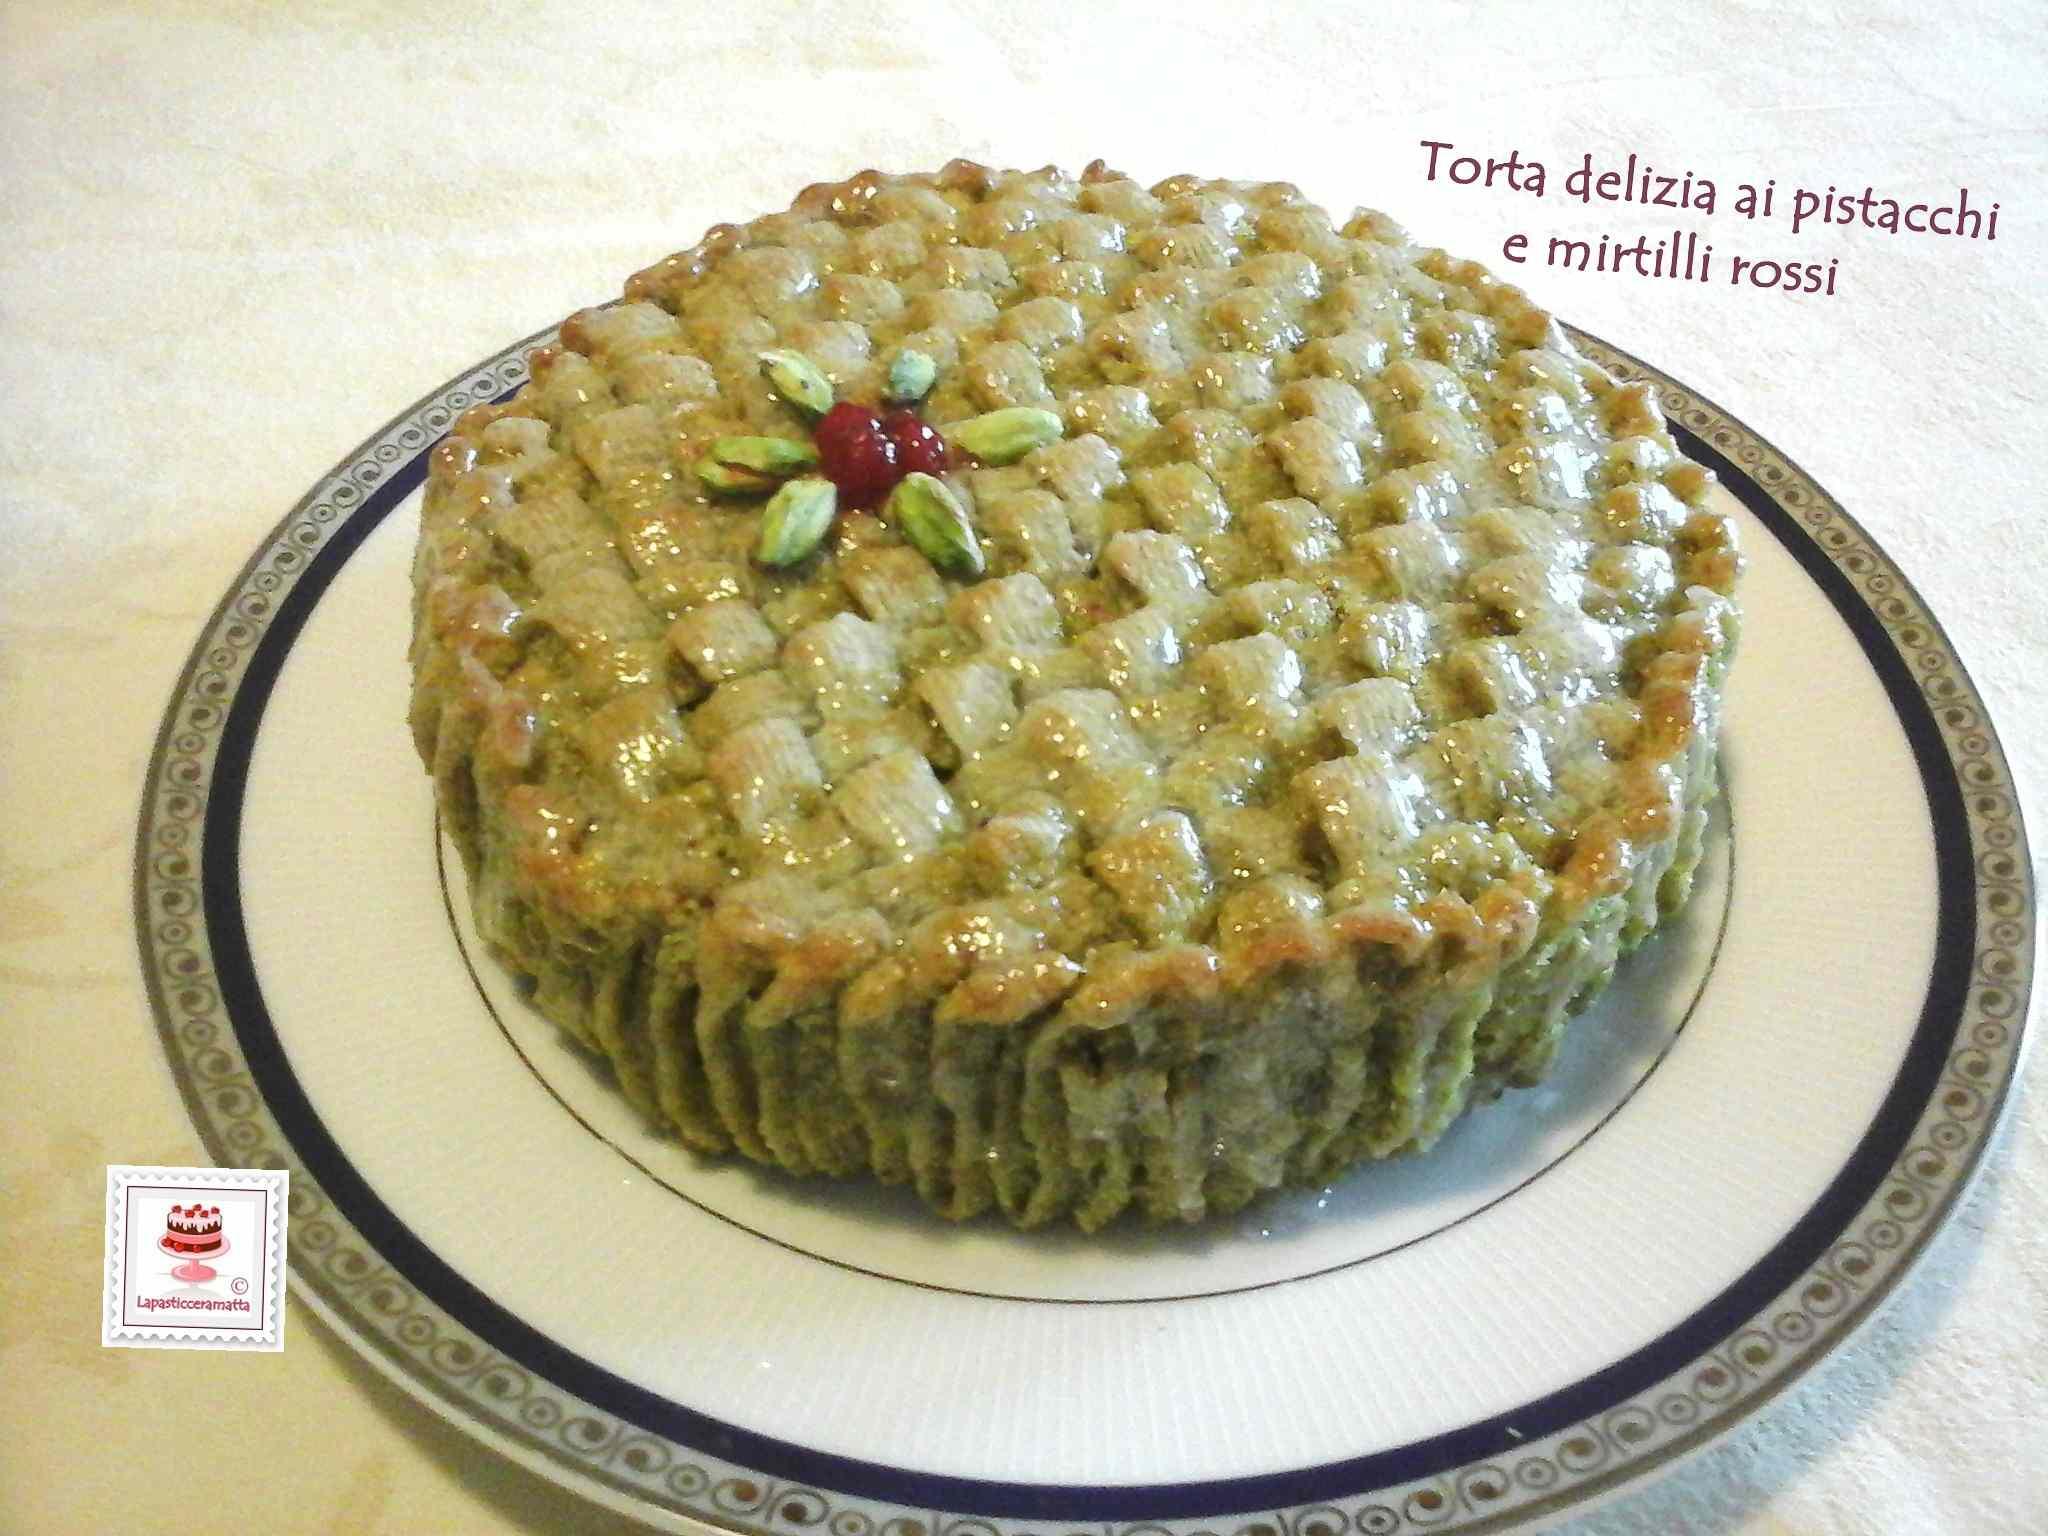 Ricetta: Torta delizia ai pistacchi, marmellata di mirtilli rossi e cioccolato